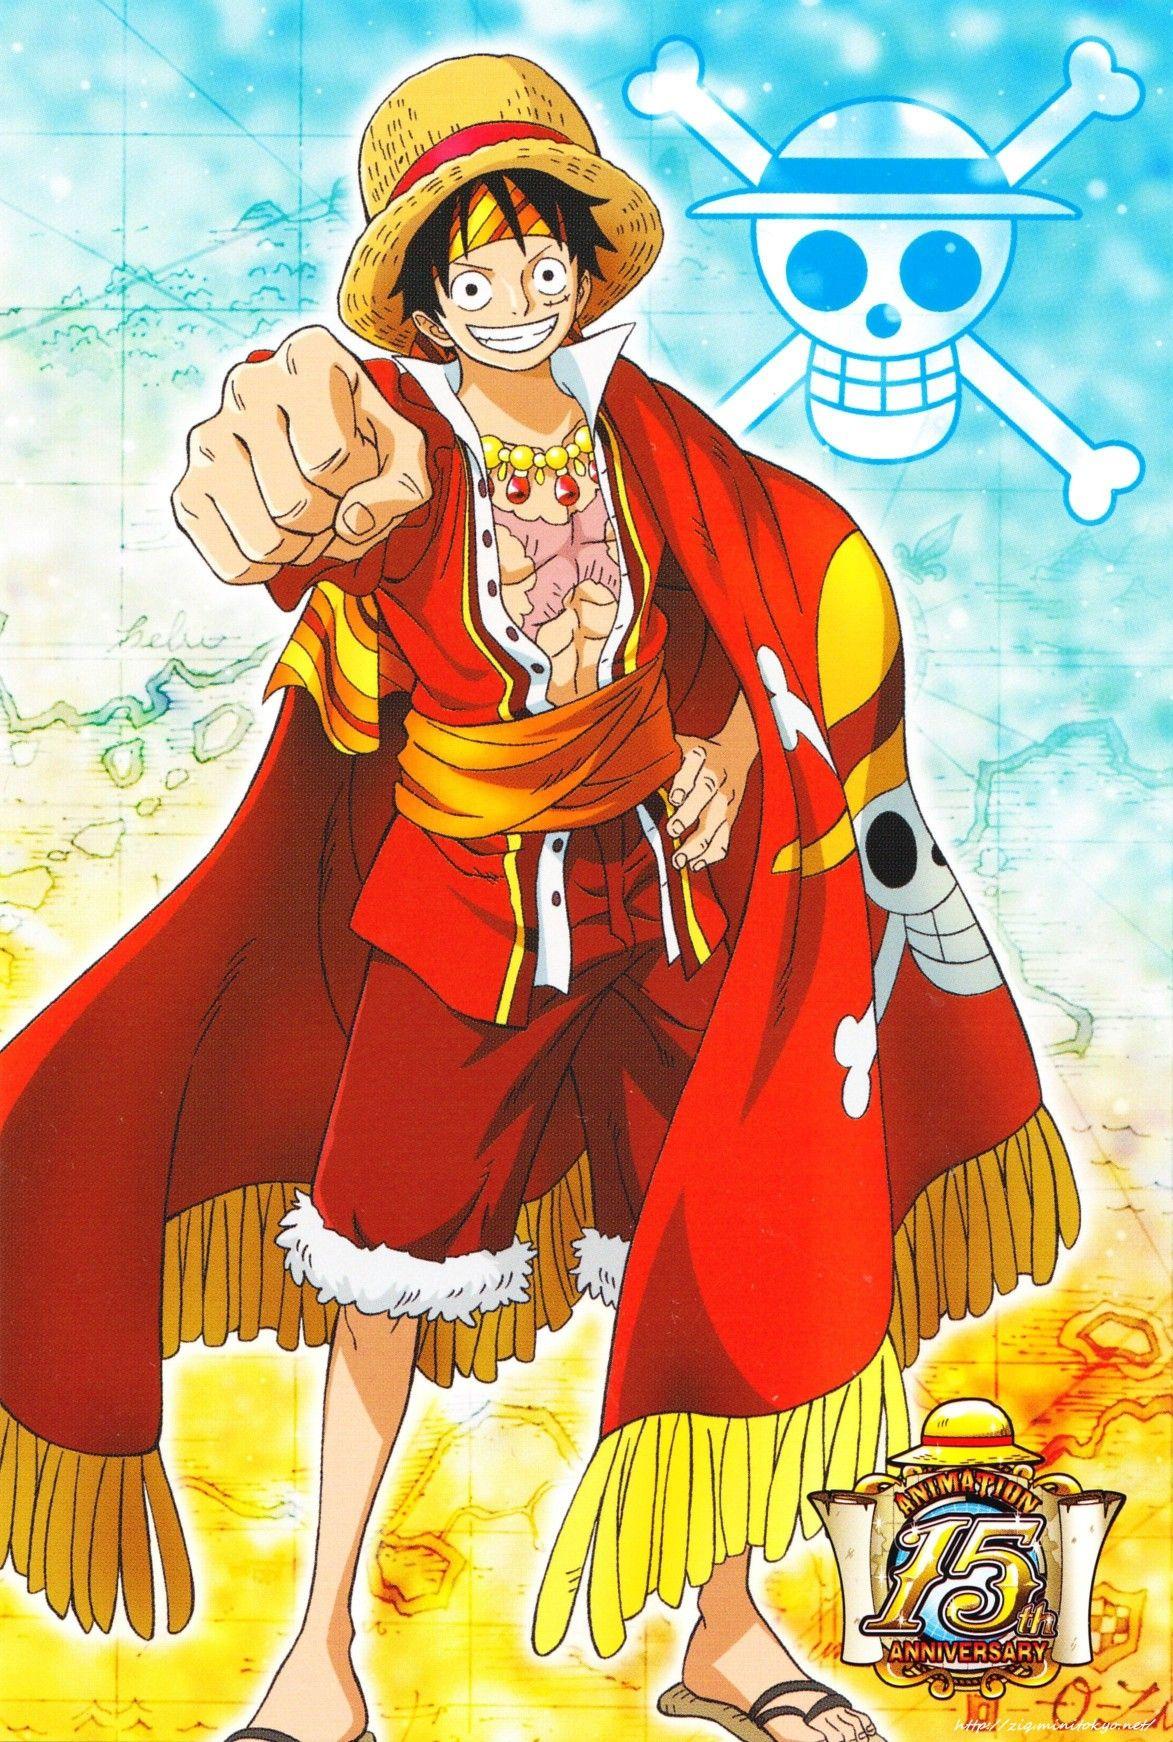 Épinglé par The Fulcrum sur Anime Monkey d luffy, Luffy